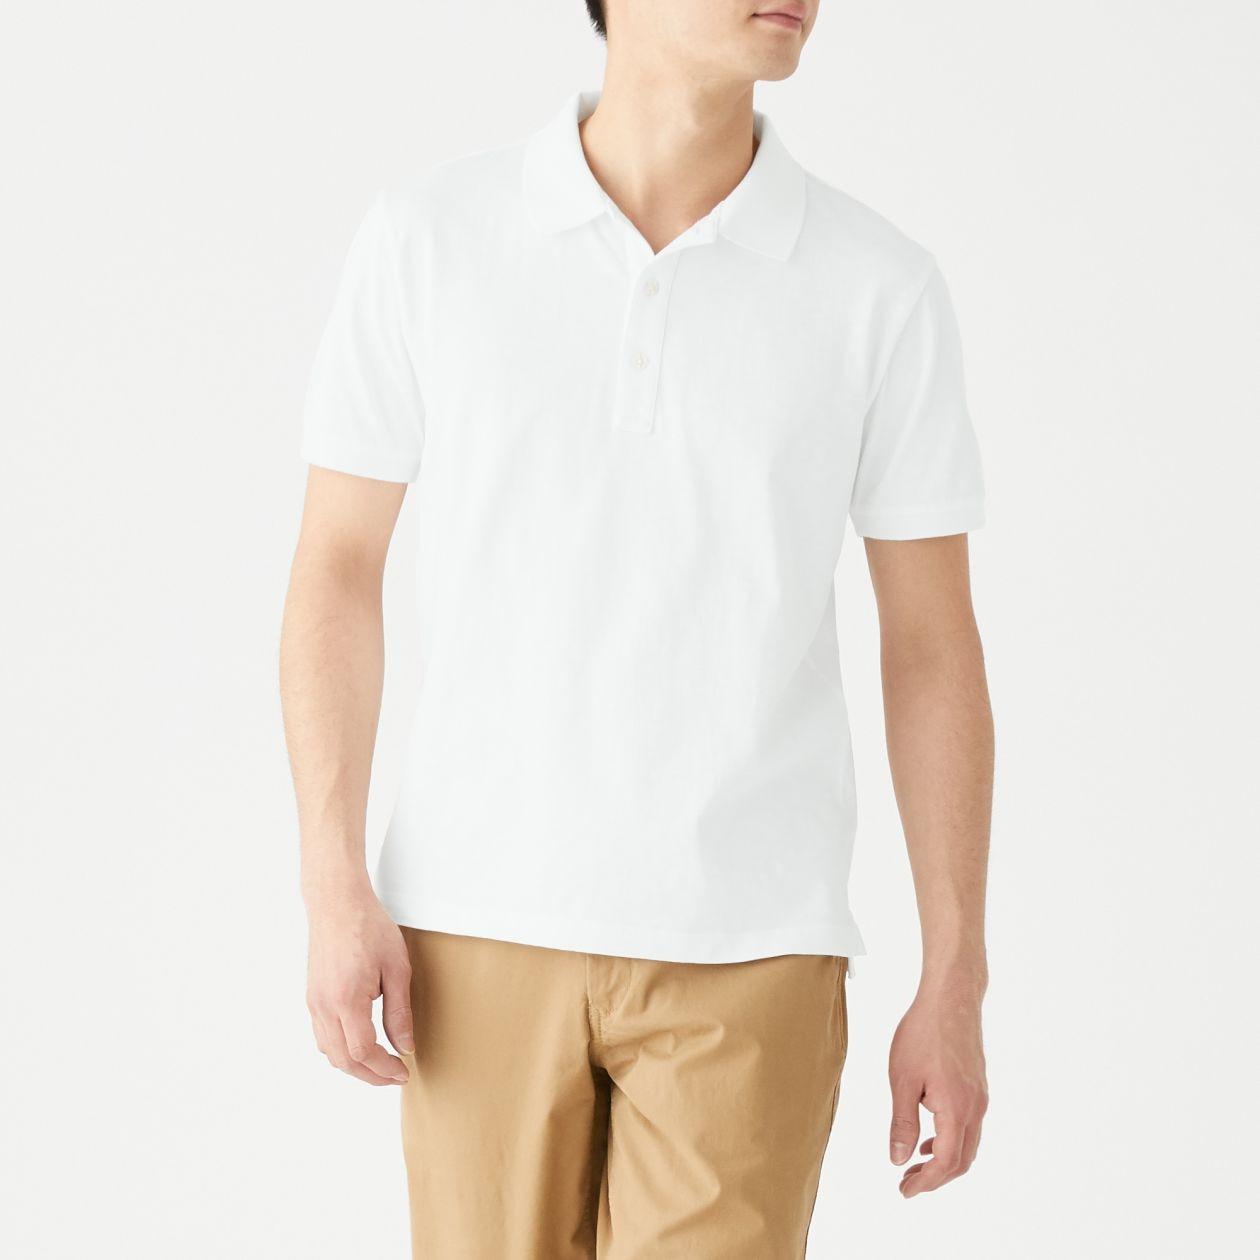 新疆綿ムラ糸半袖ポロシャツ